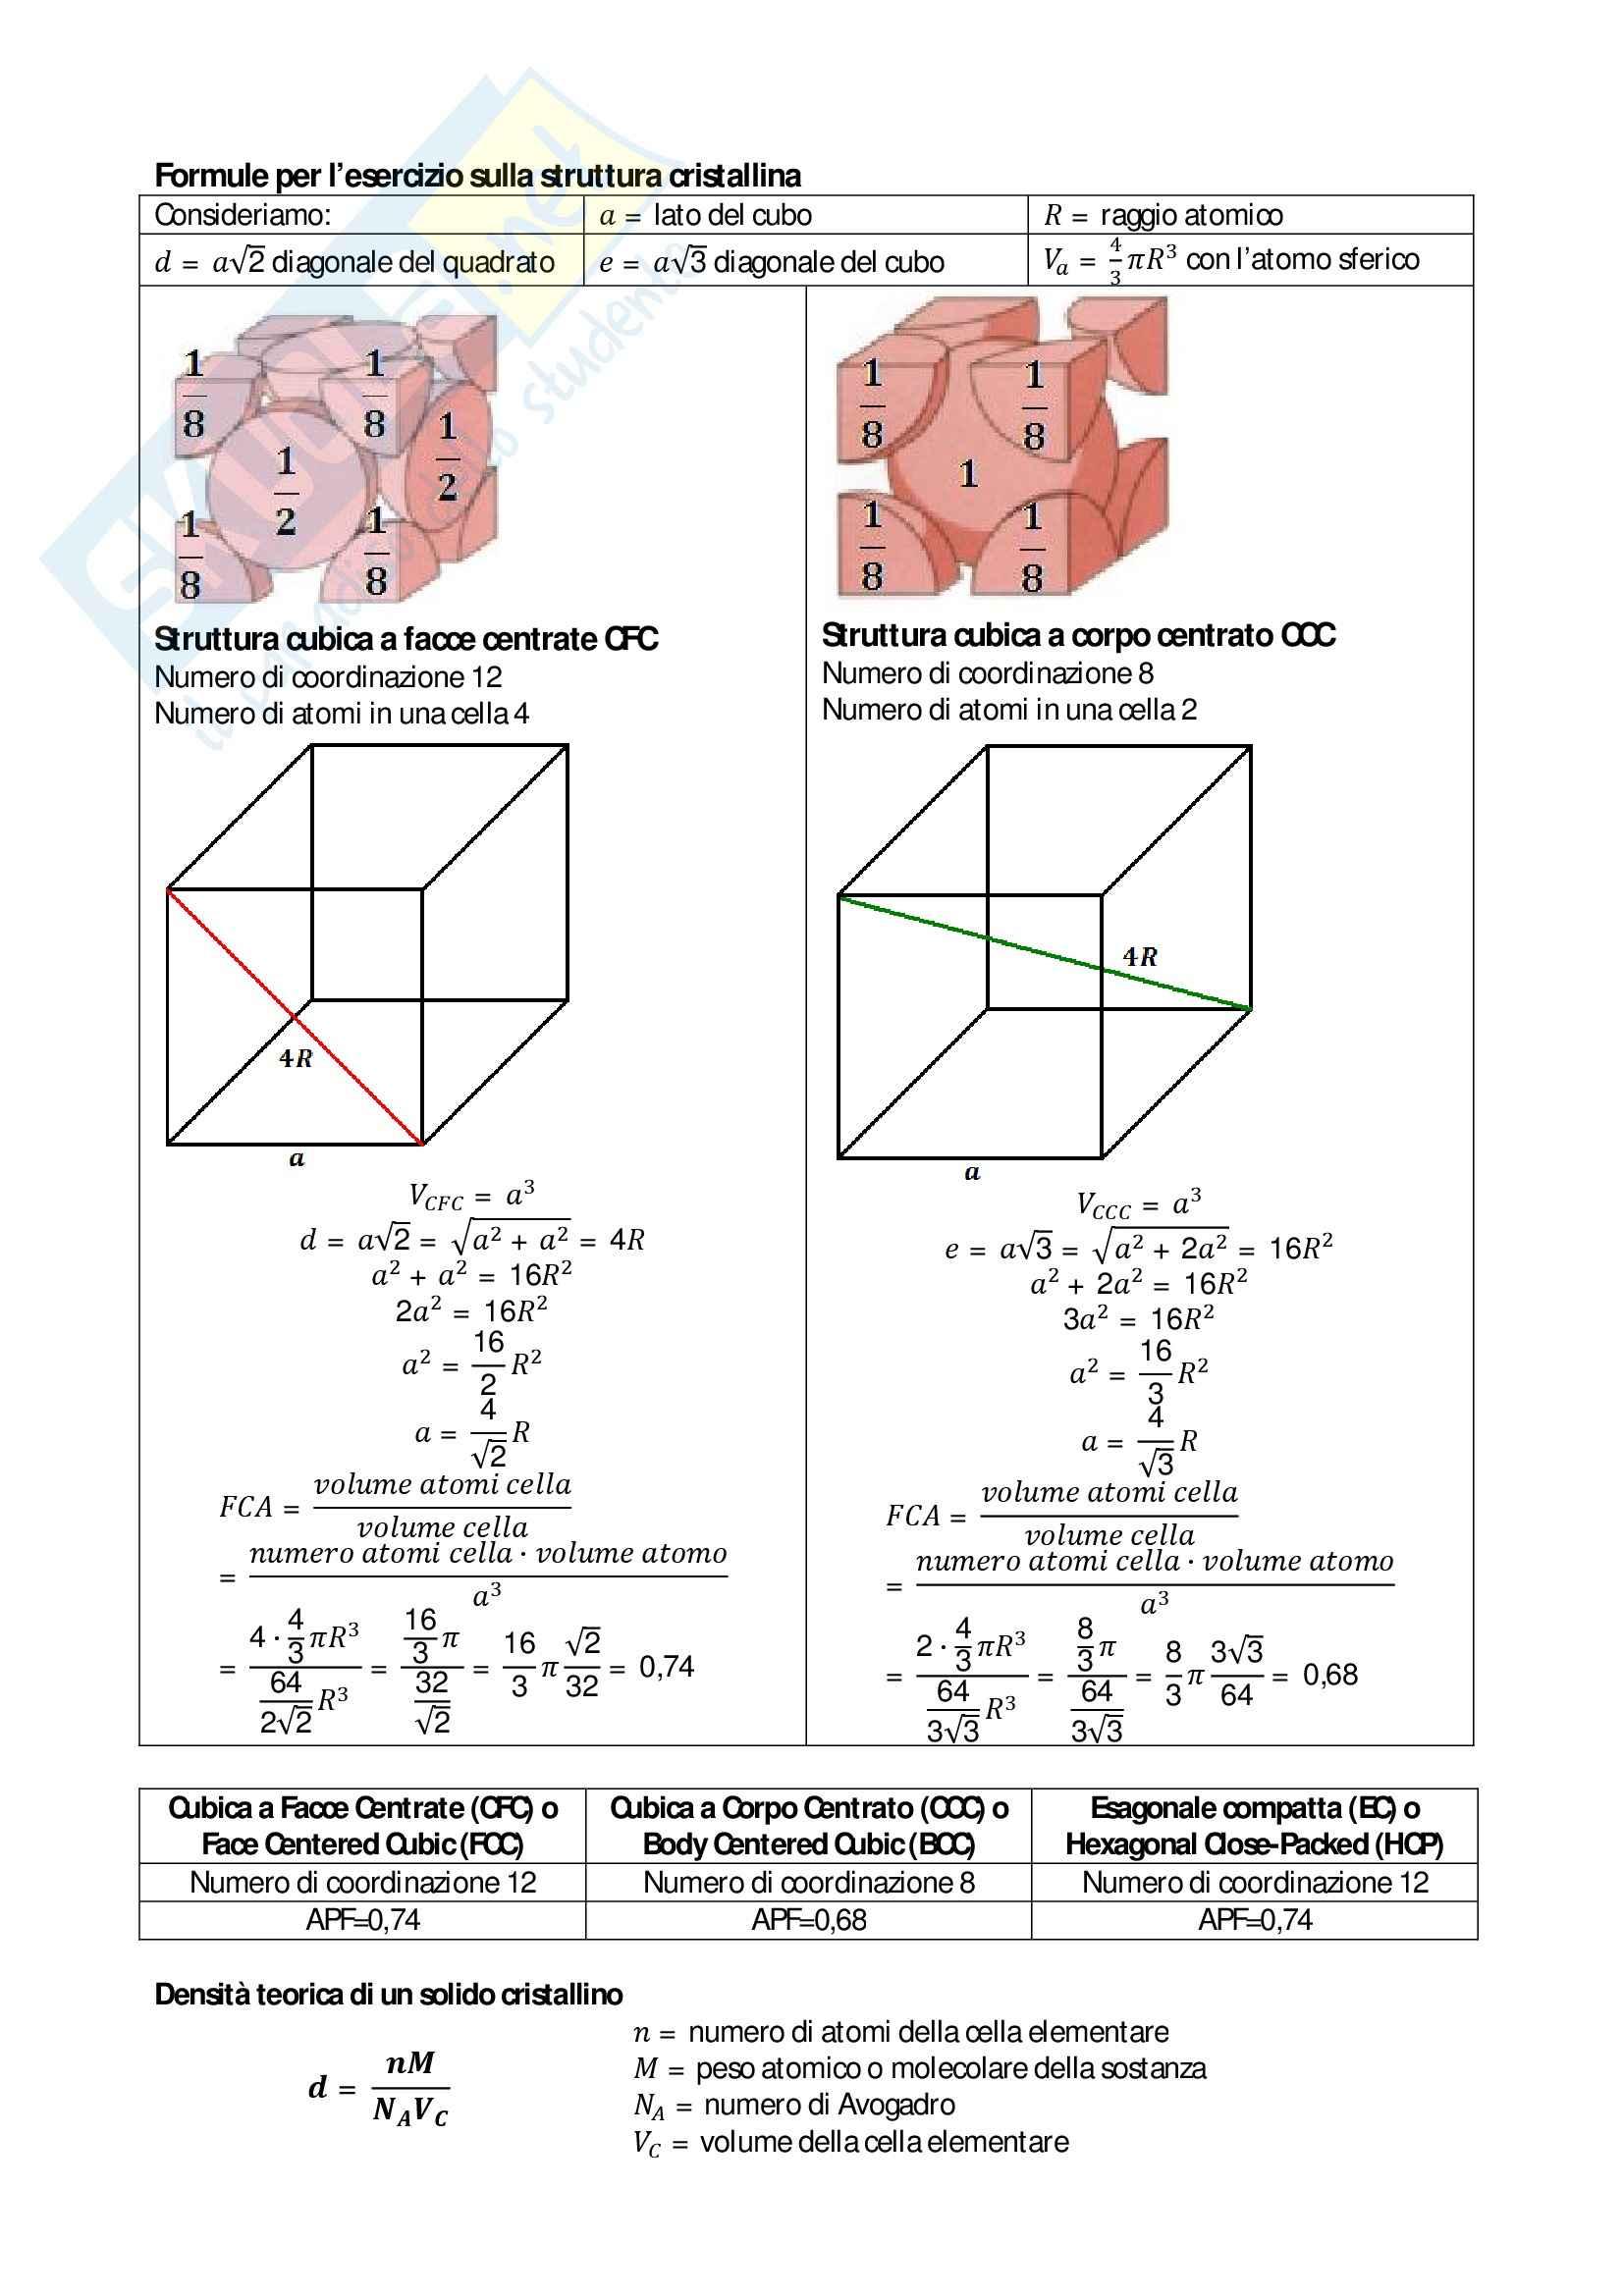 Scienza e tecnologia dei materiali - formule